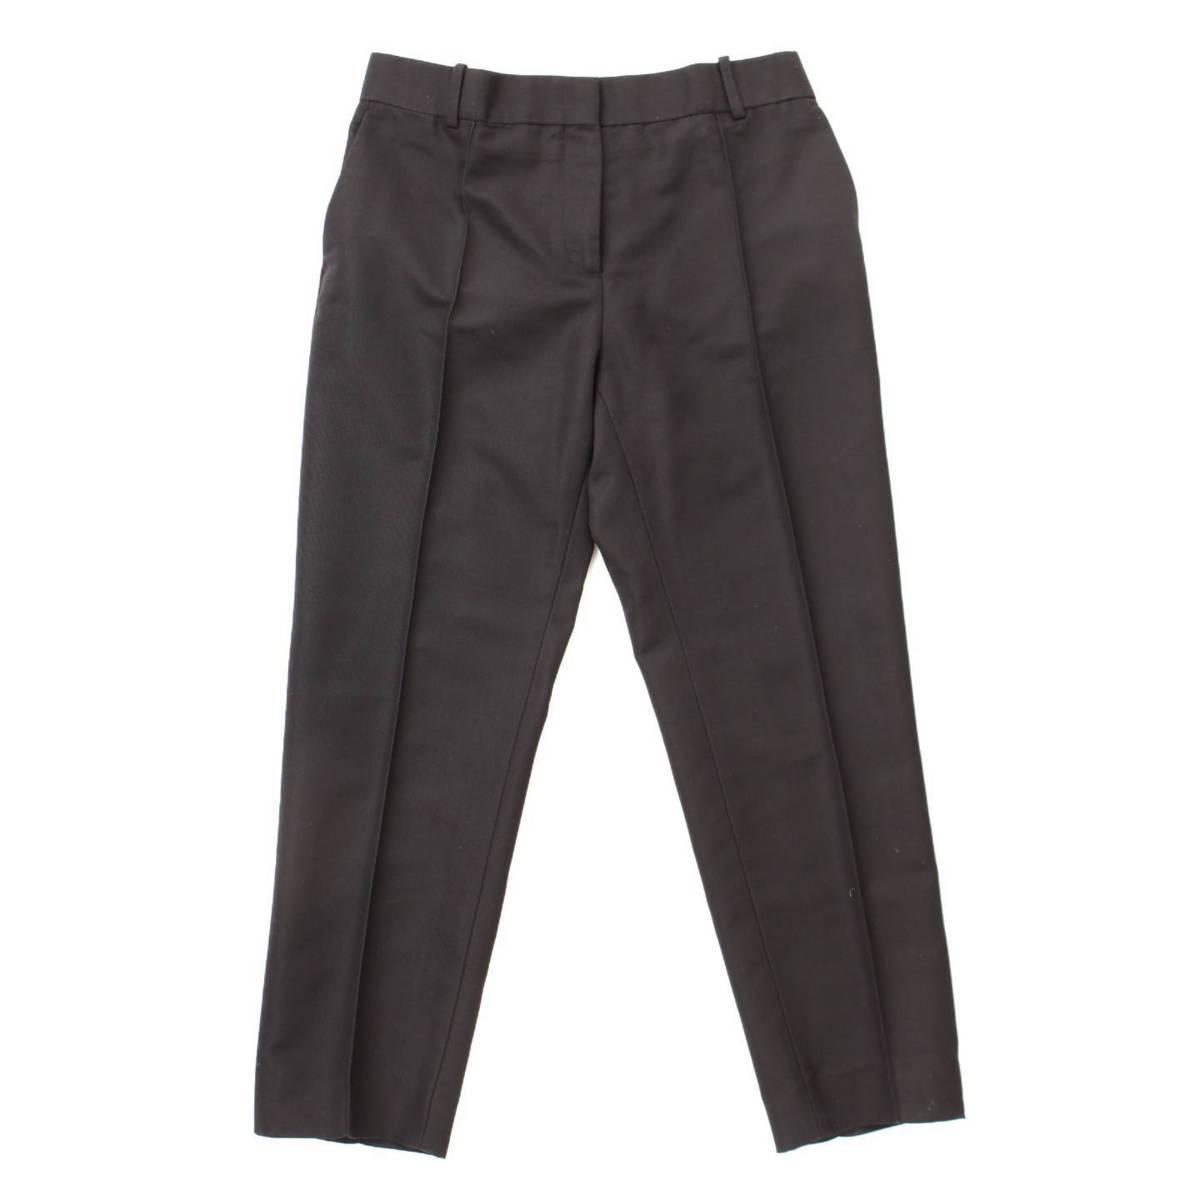 【セリーヌ】Celine シルク混 スラックス パンツ ブラック 38 【中古】【鑑定済・正規品保証】86697